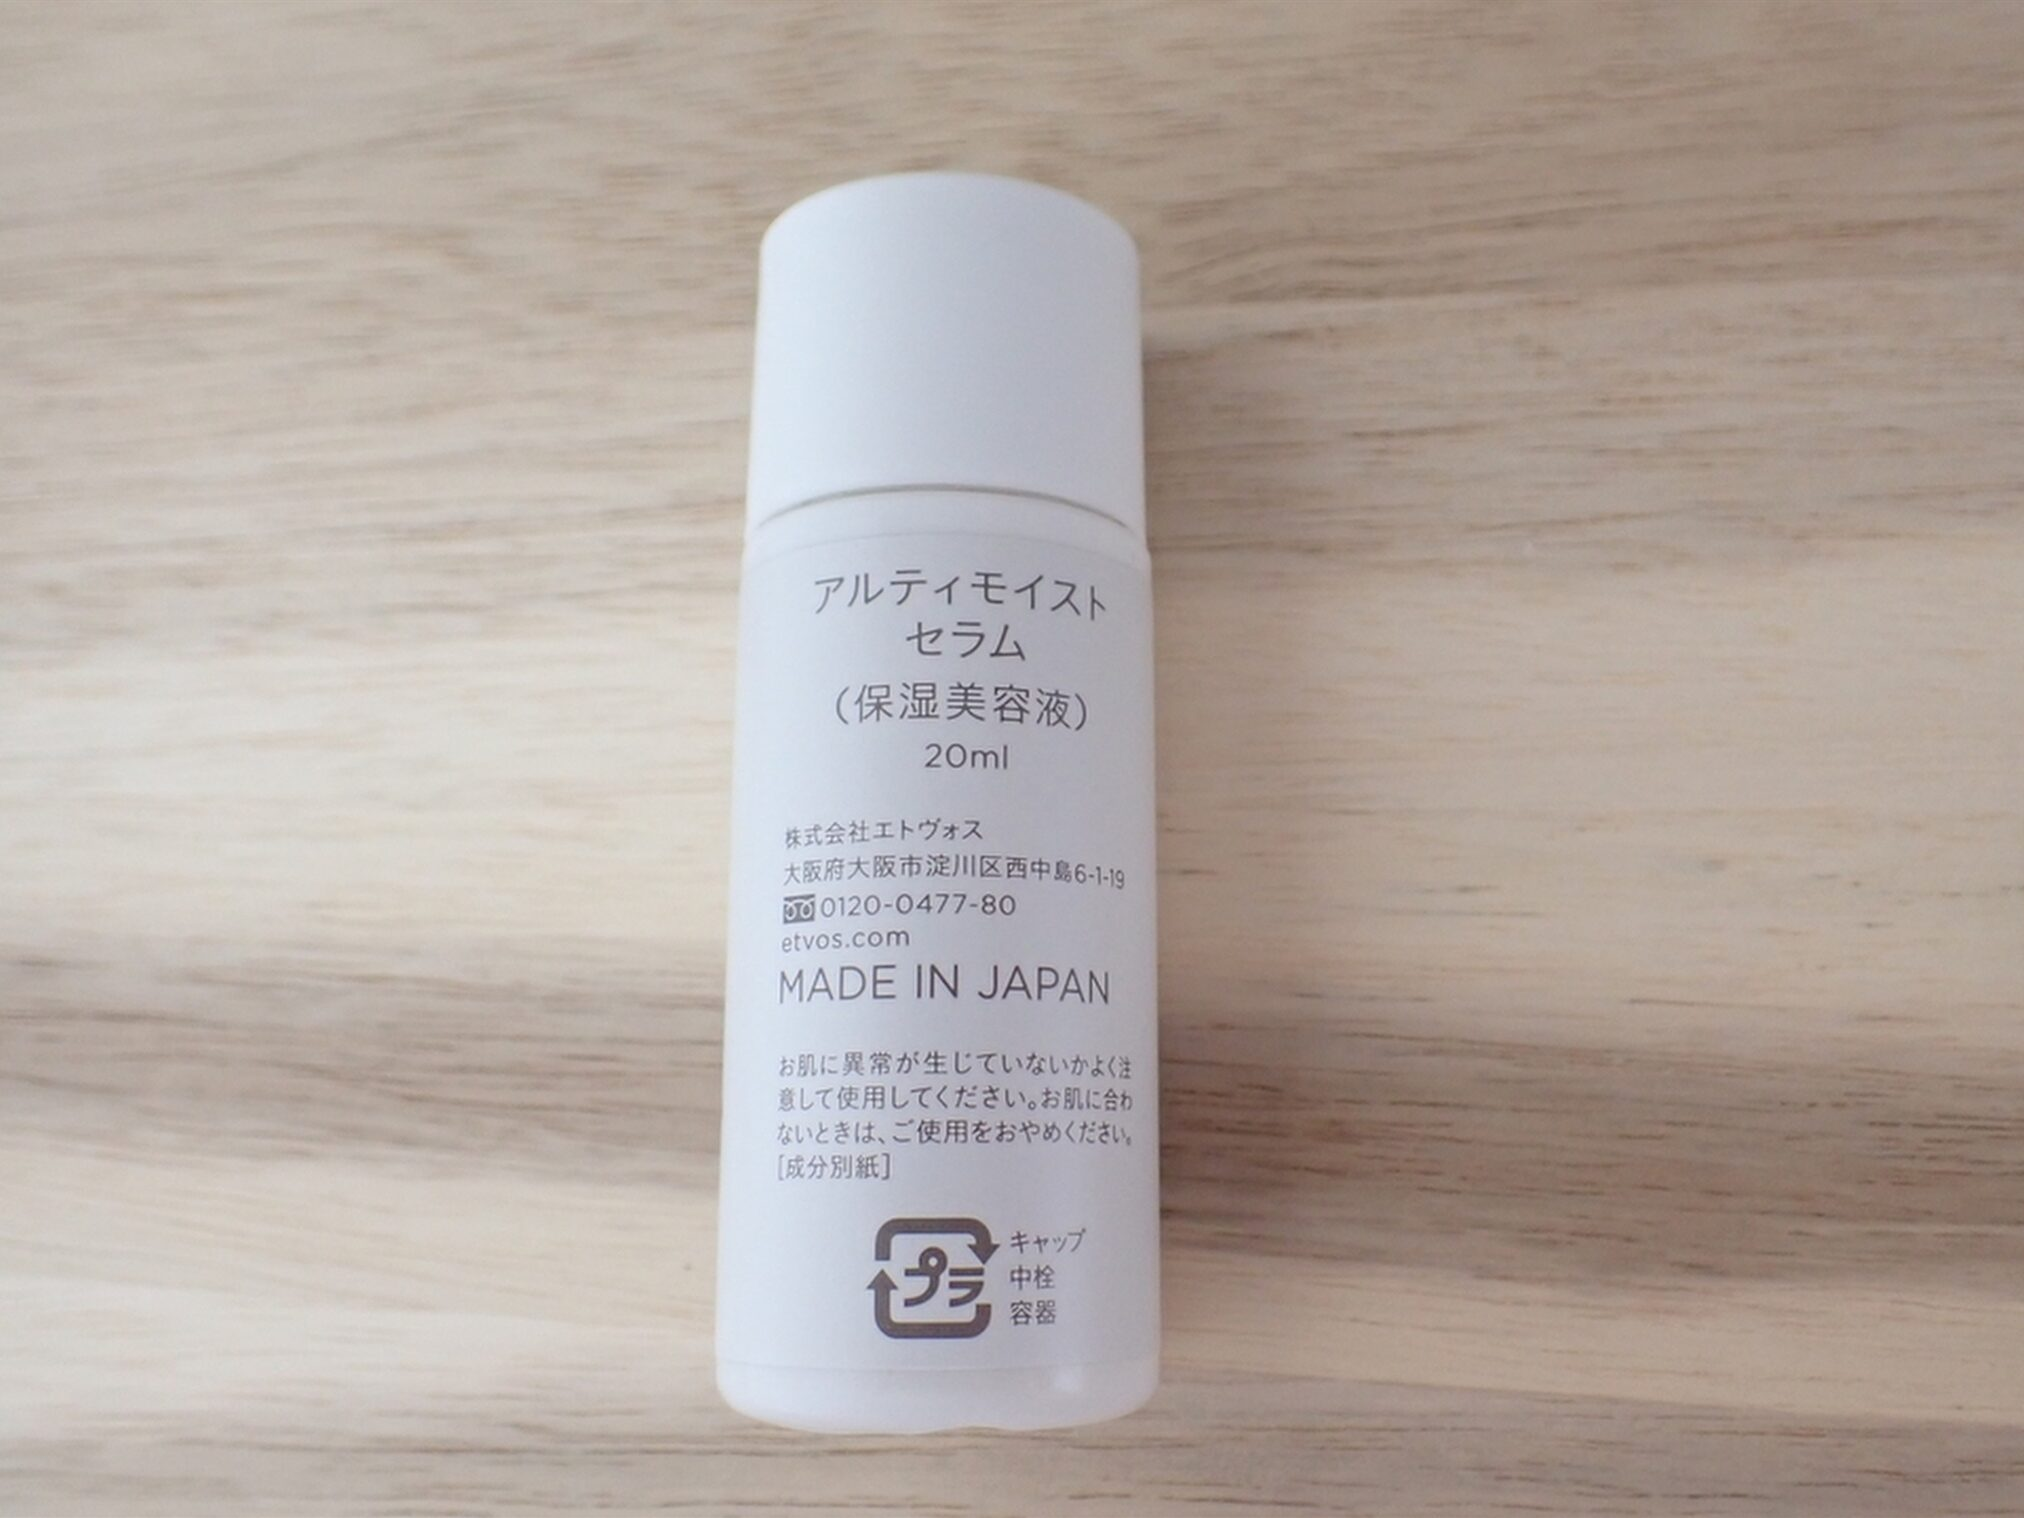 エトヴォス アルティモイスト トライアルキット ETVOS 保湿美容液 アルティモイストセラム 20ml 日本製のスキンケアです